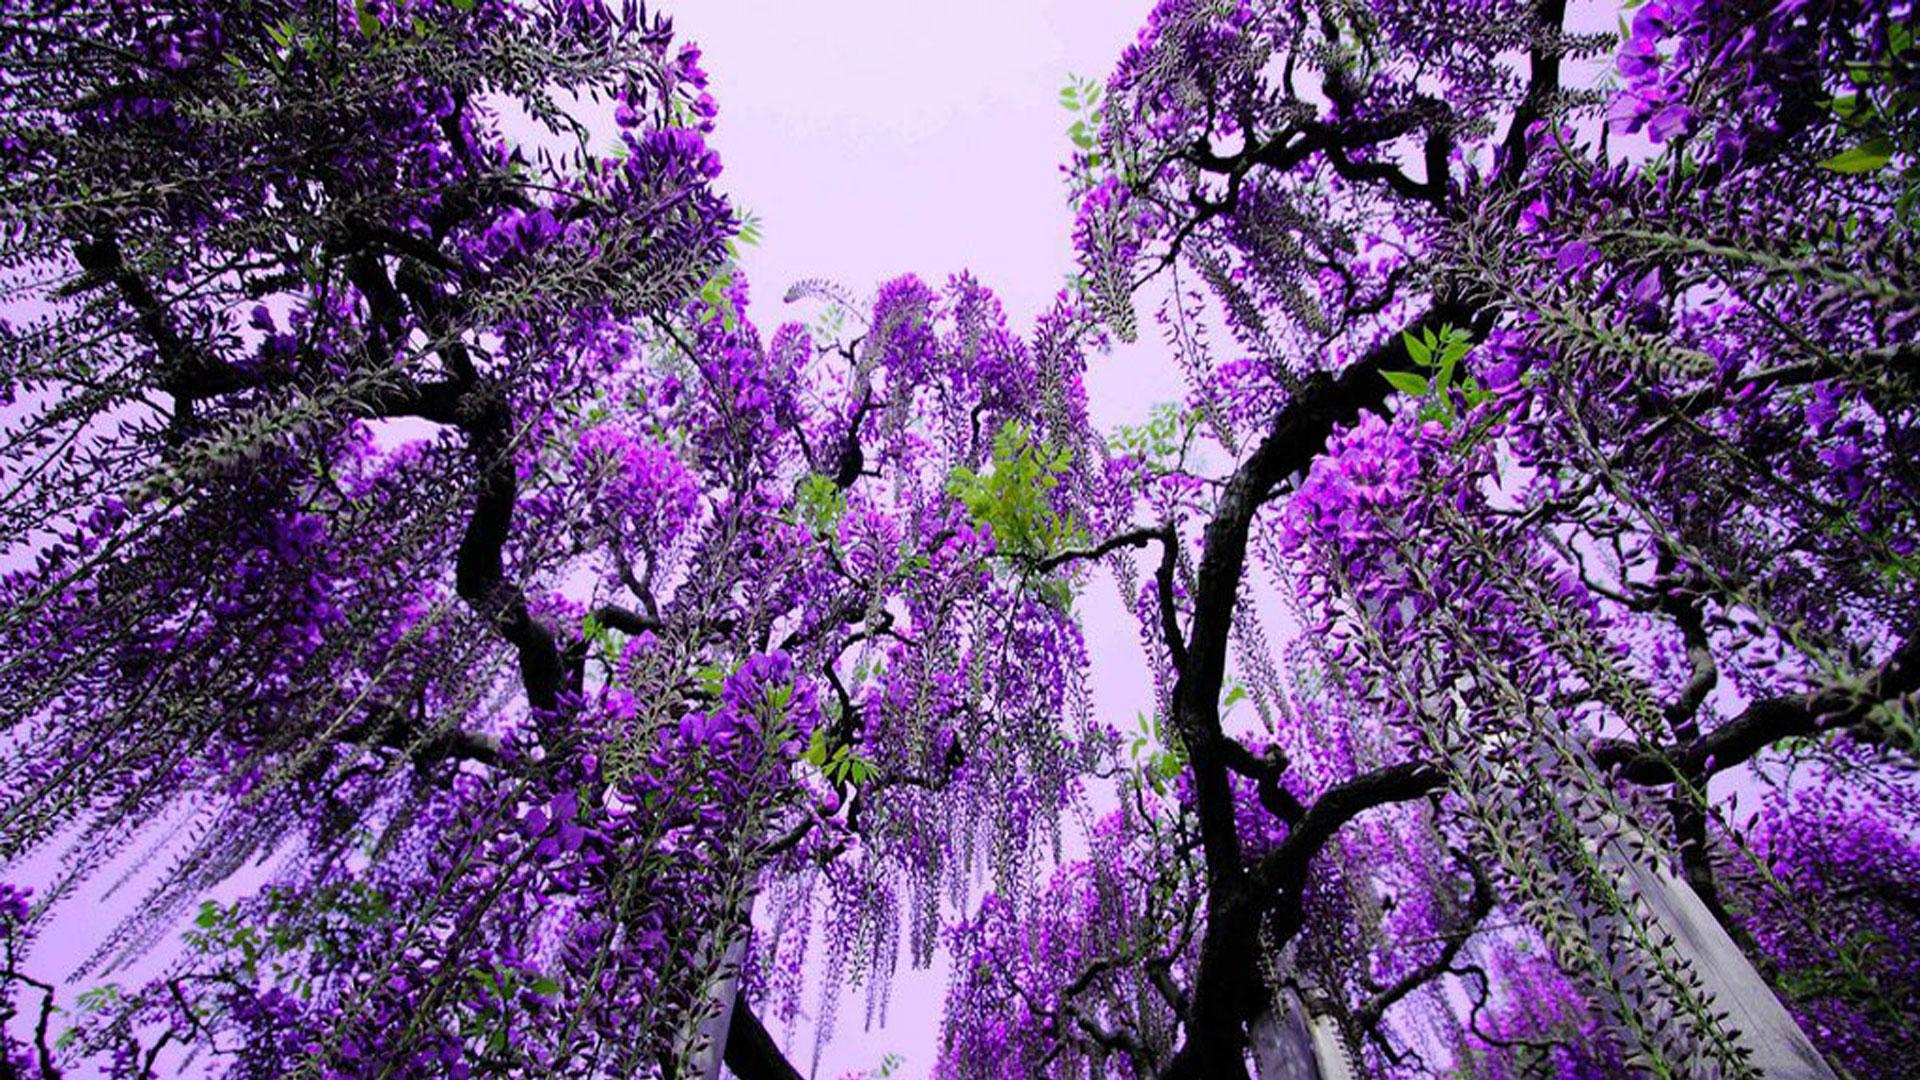 日本春季赏花去哪里,日本踏青好去处,日本春日郊游攻略